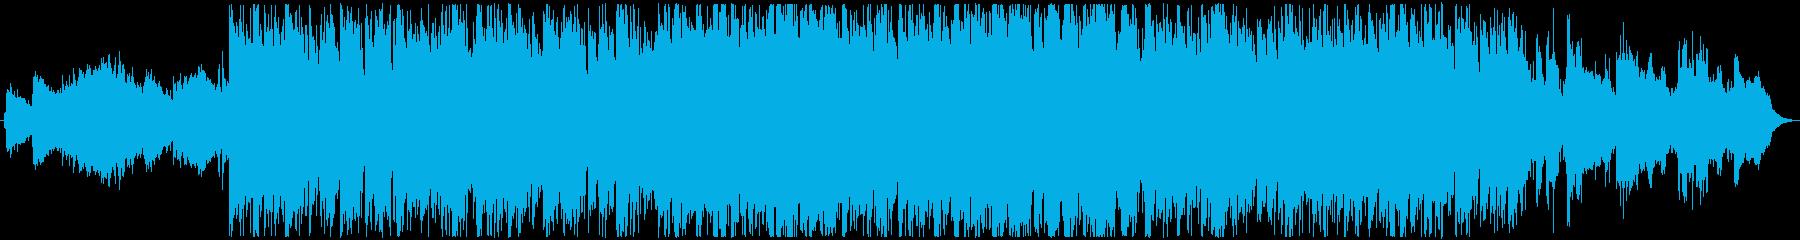 ポップ センチメンタル 感情的 ク...の再生済みの波形